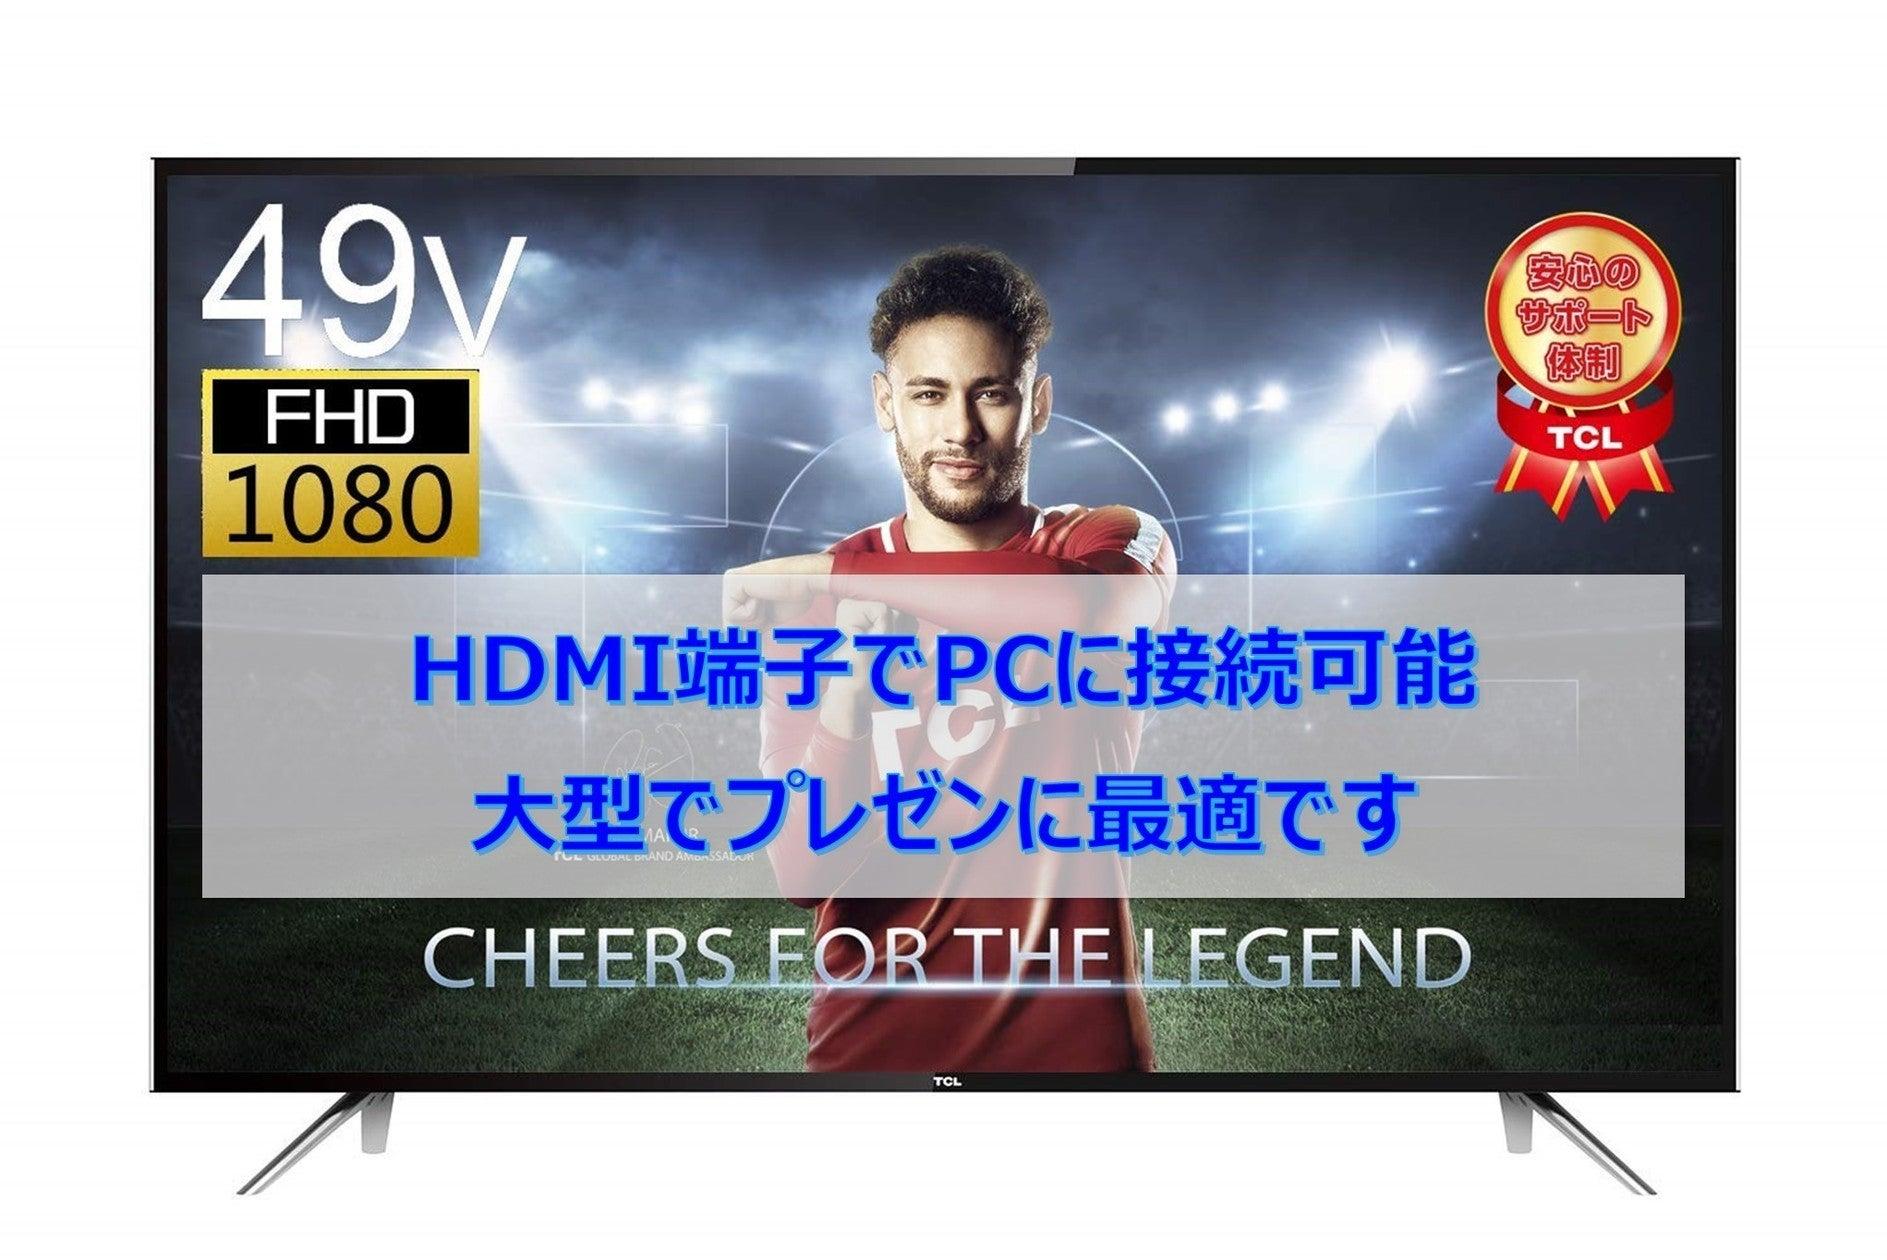 【神田駅徒歩3分/楽らく会議室 神田】PCに繋げる49インチTV設置★工夫してコストを抑えました のサムネイル